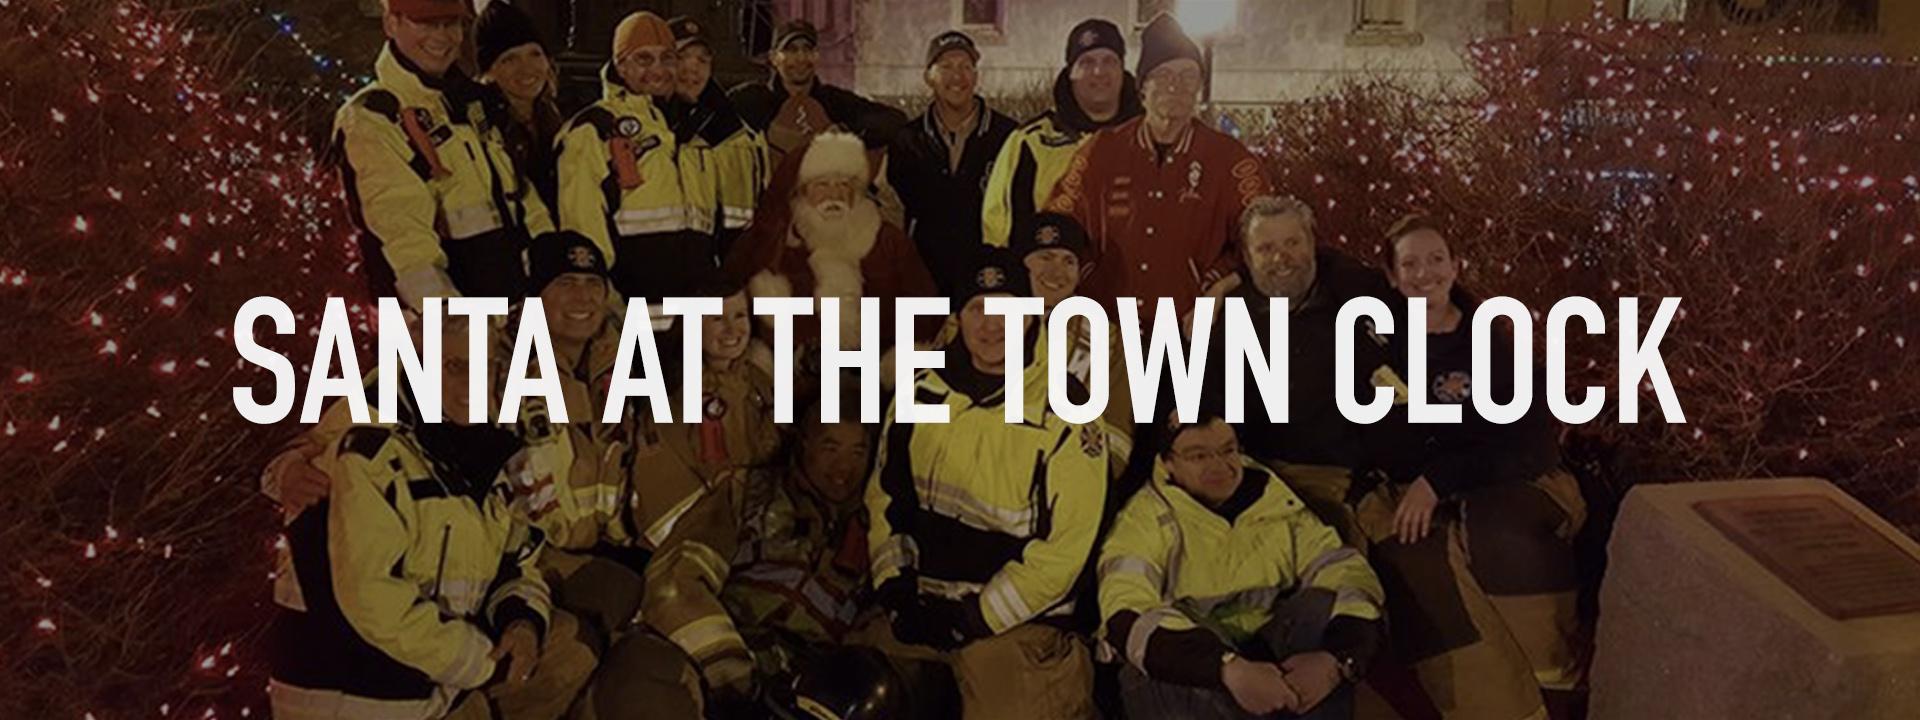 Santa at the Town Clock- banner.jpg